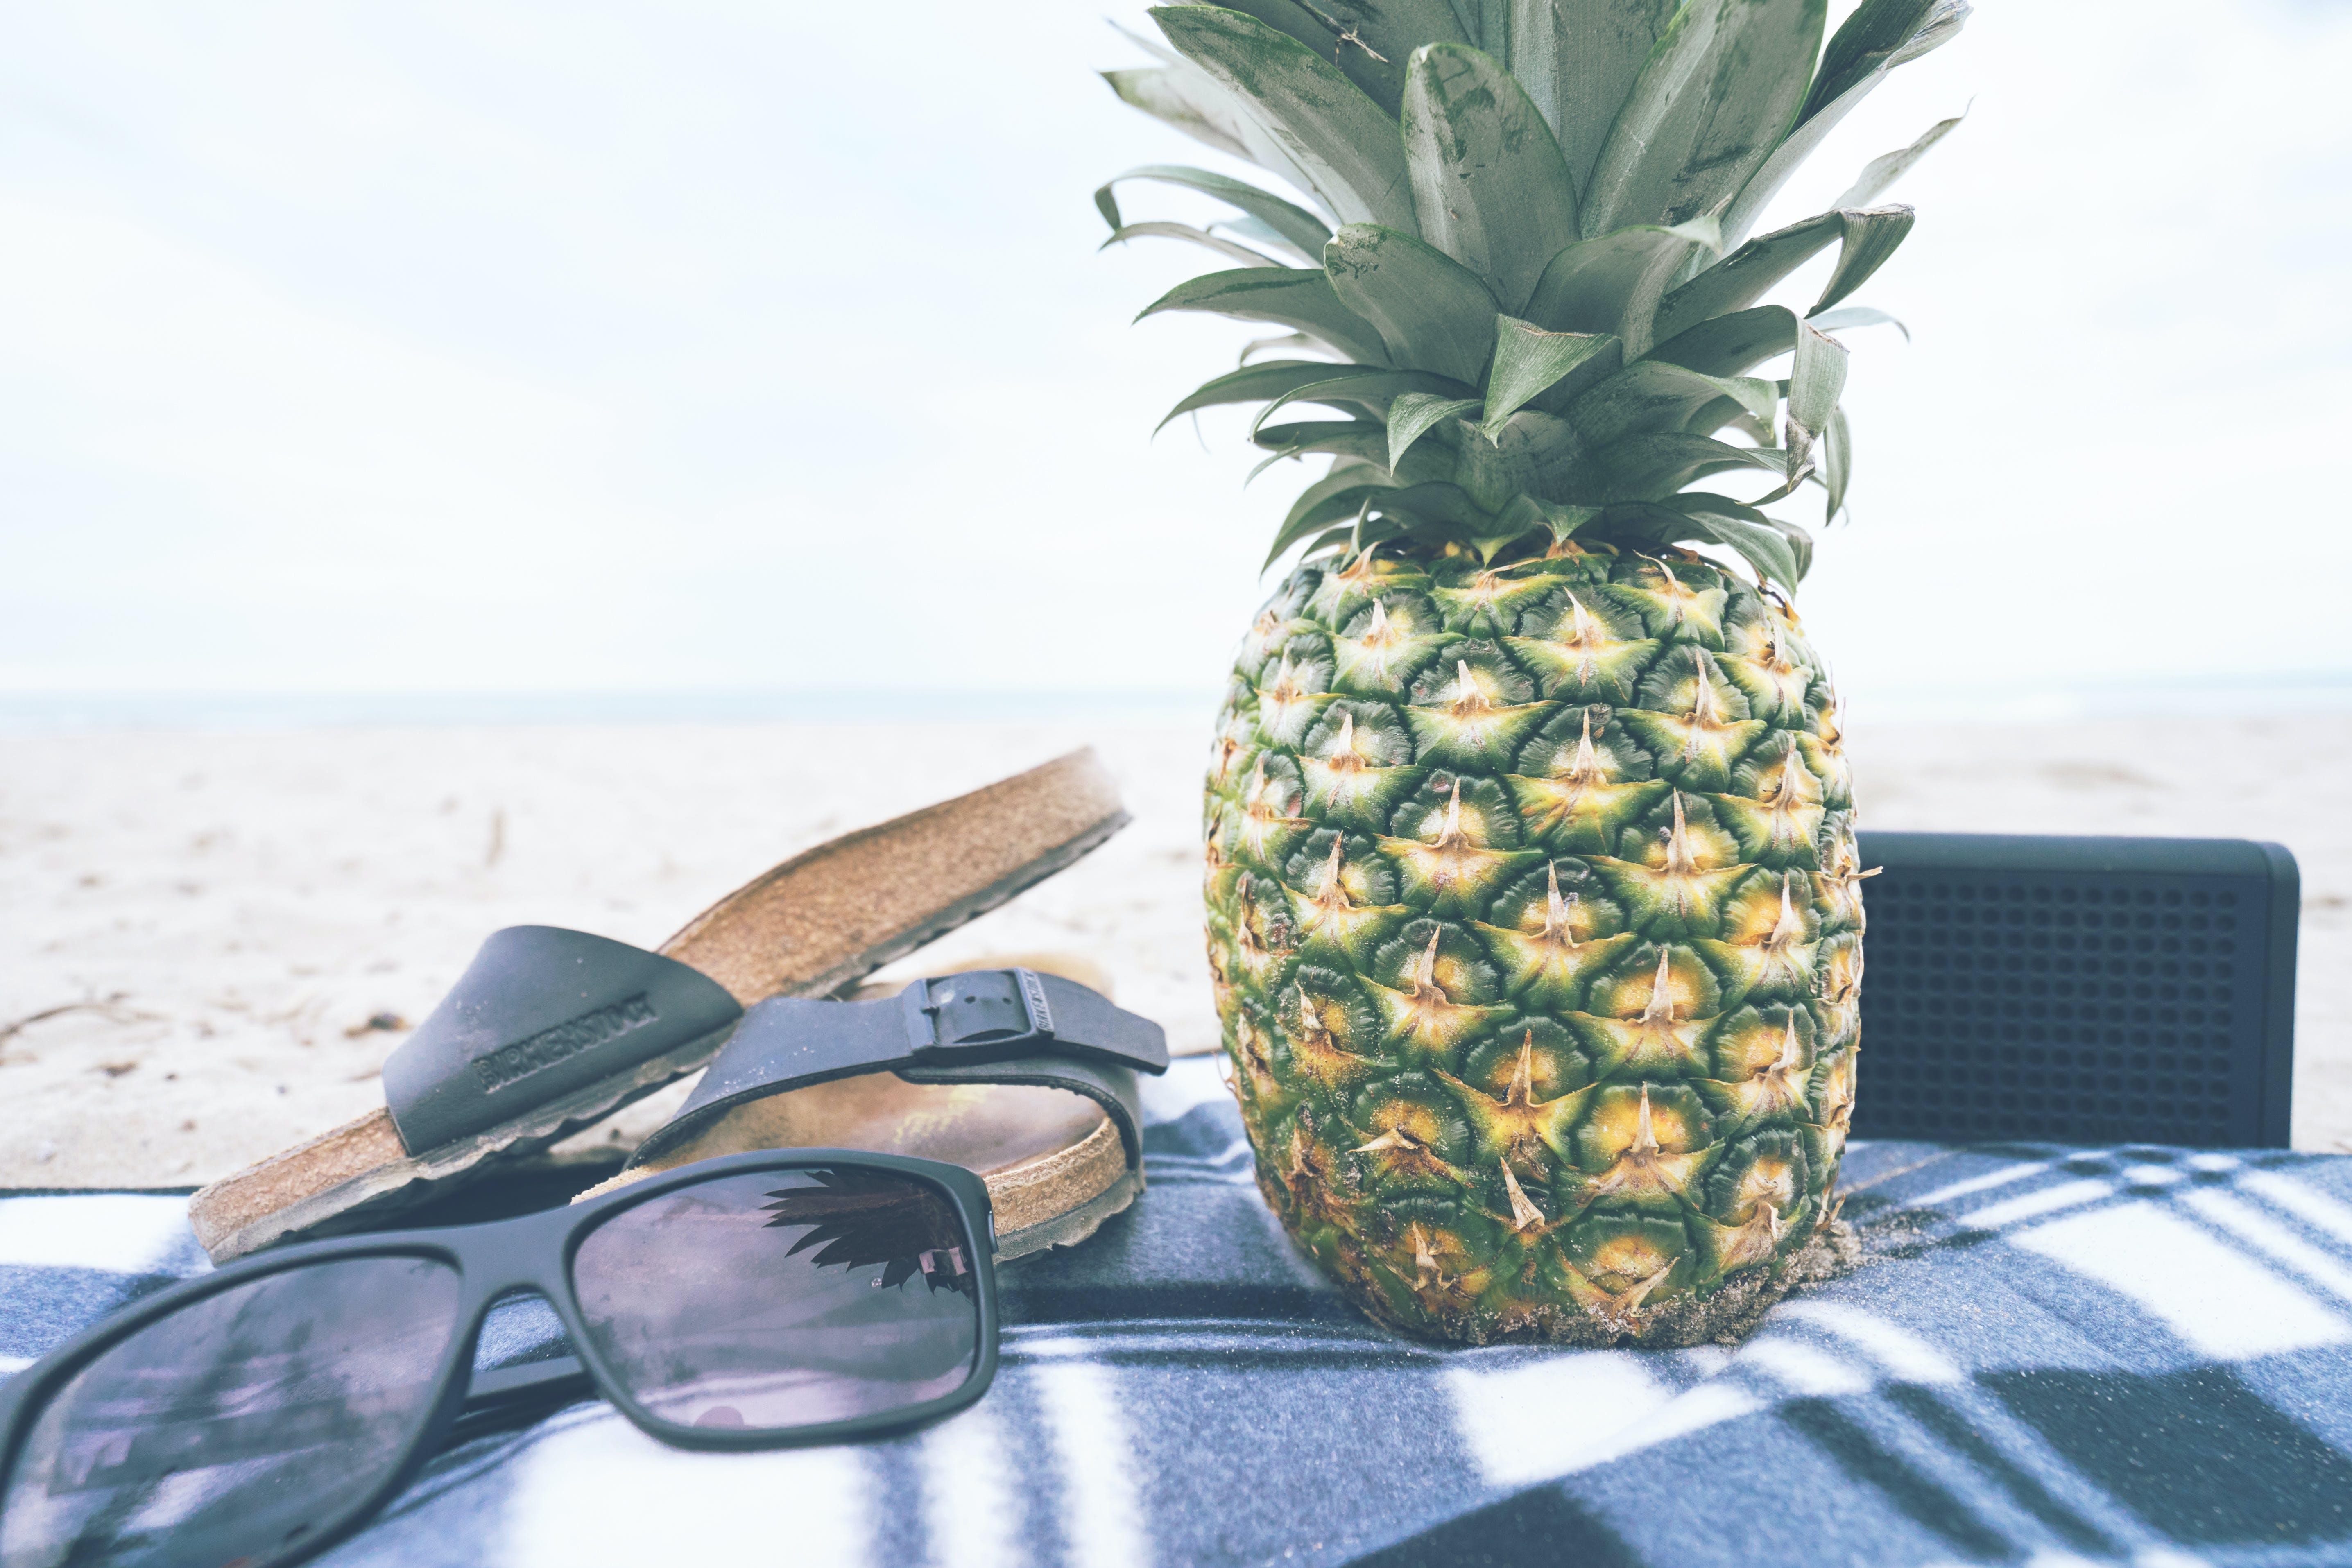 Black Framed Sunglasses Beside Slide Sandals and Pineapple